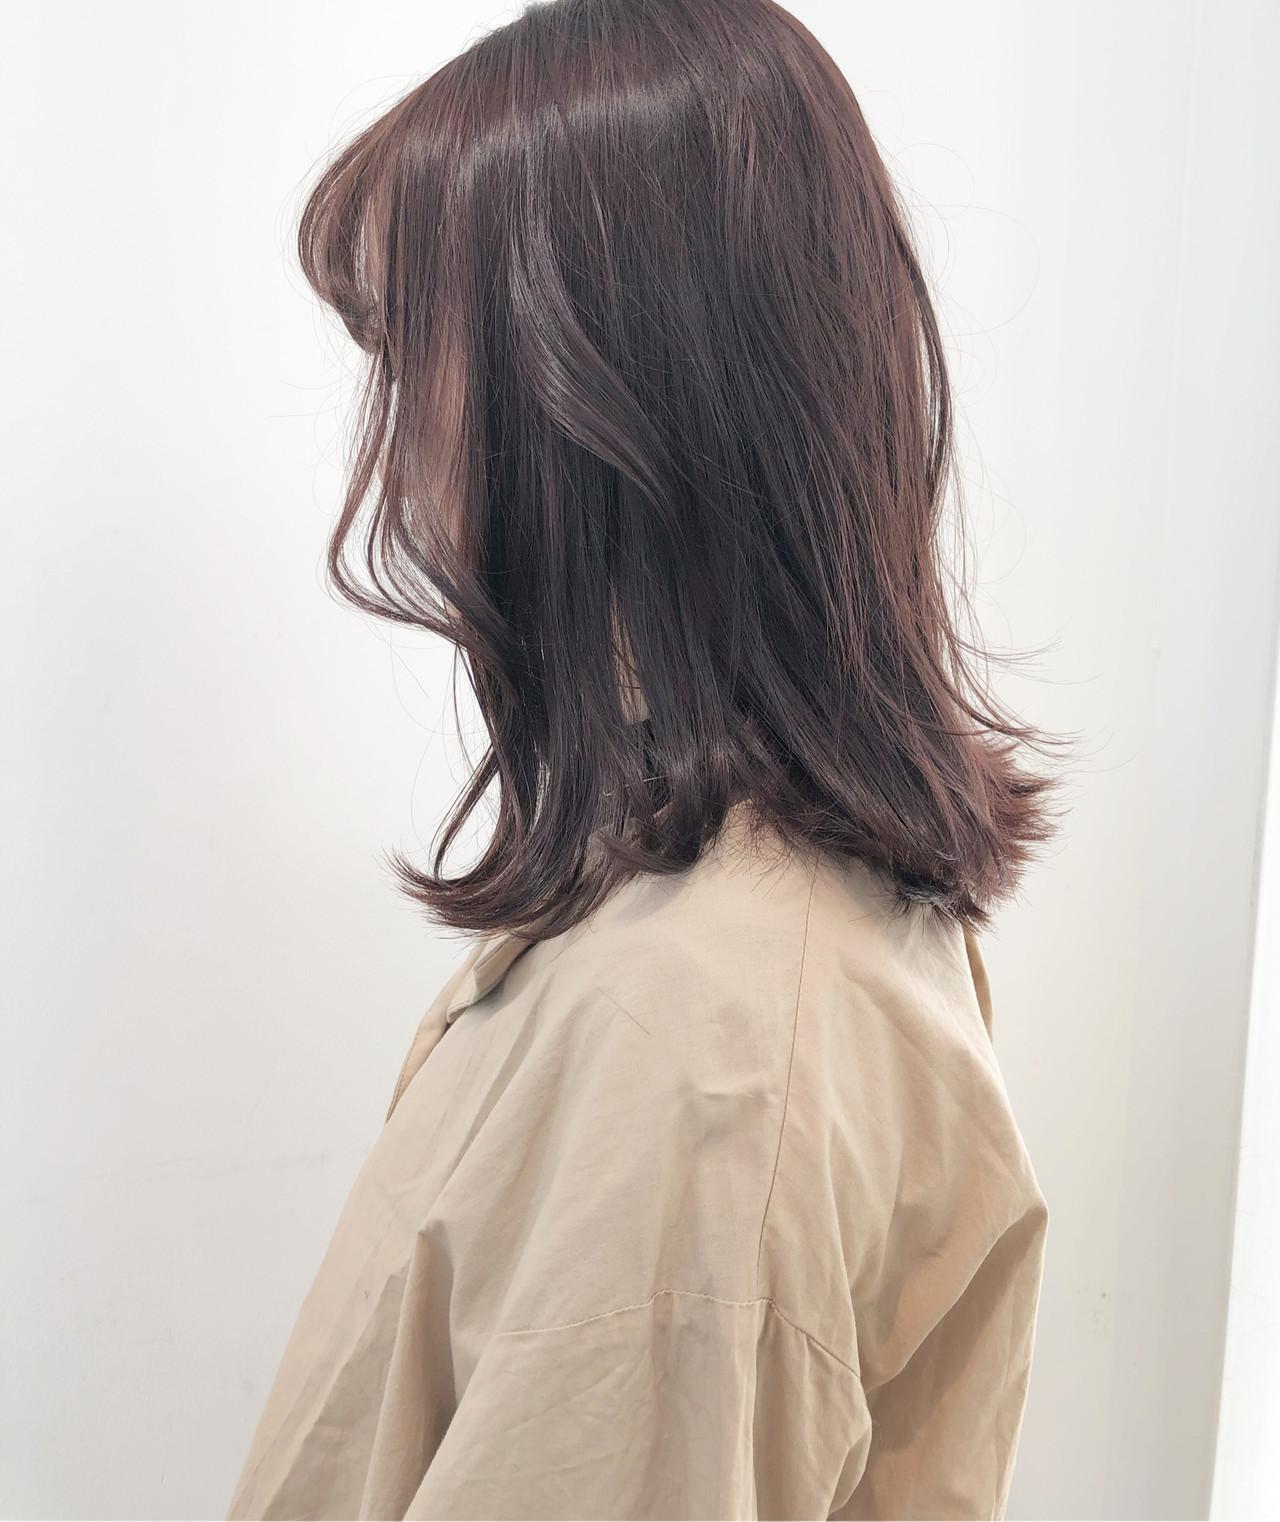 ピンクグレージュ 切りっぱなしボブ アンニュイほつれヘア ラベンダーピンク ヘアスタイルや髪型の写真・画像